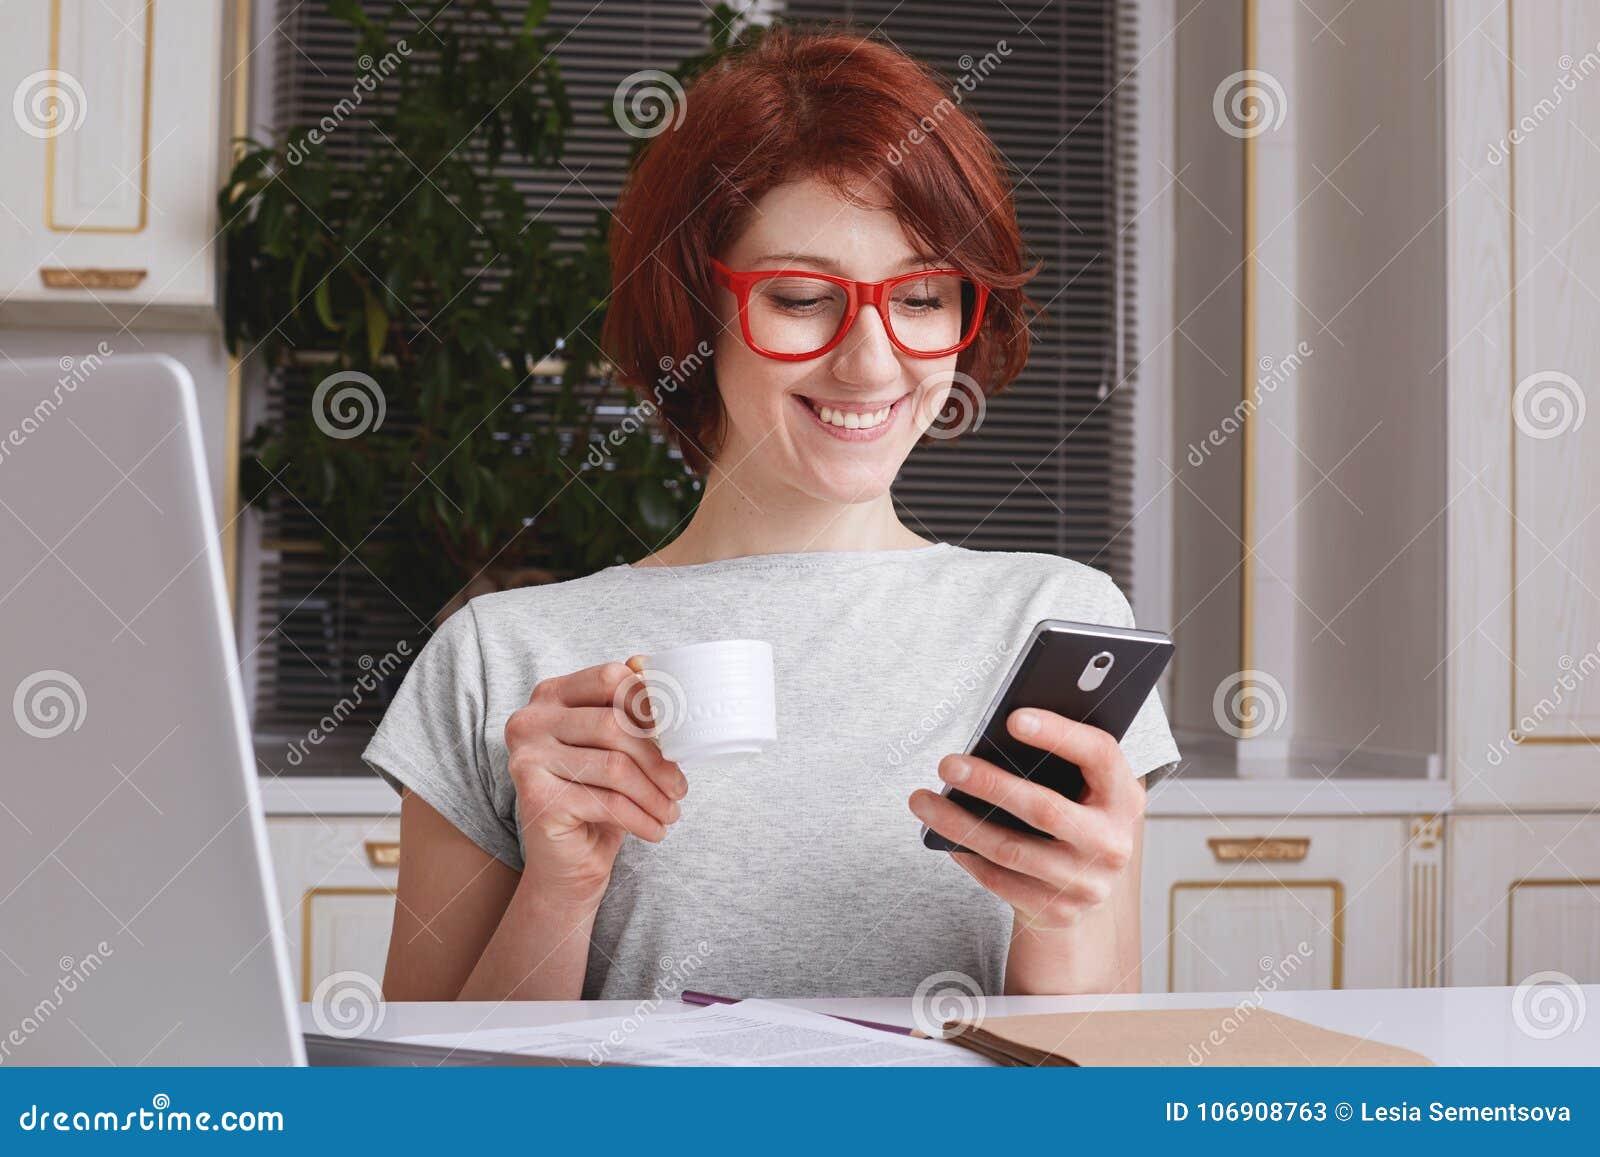 Rozochocona modna kobieta z czerwonym włosy, uradowanym przeglądać fotografie na ogólnospołecznych stronach internetowych, kawową